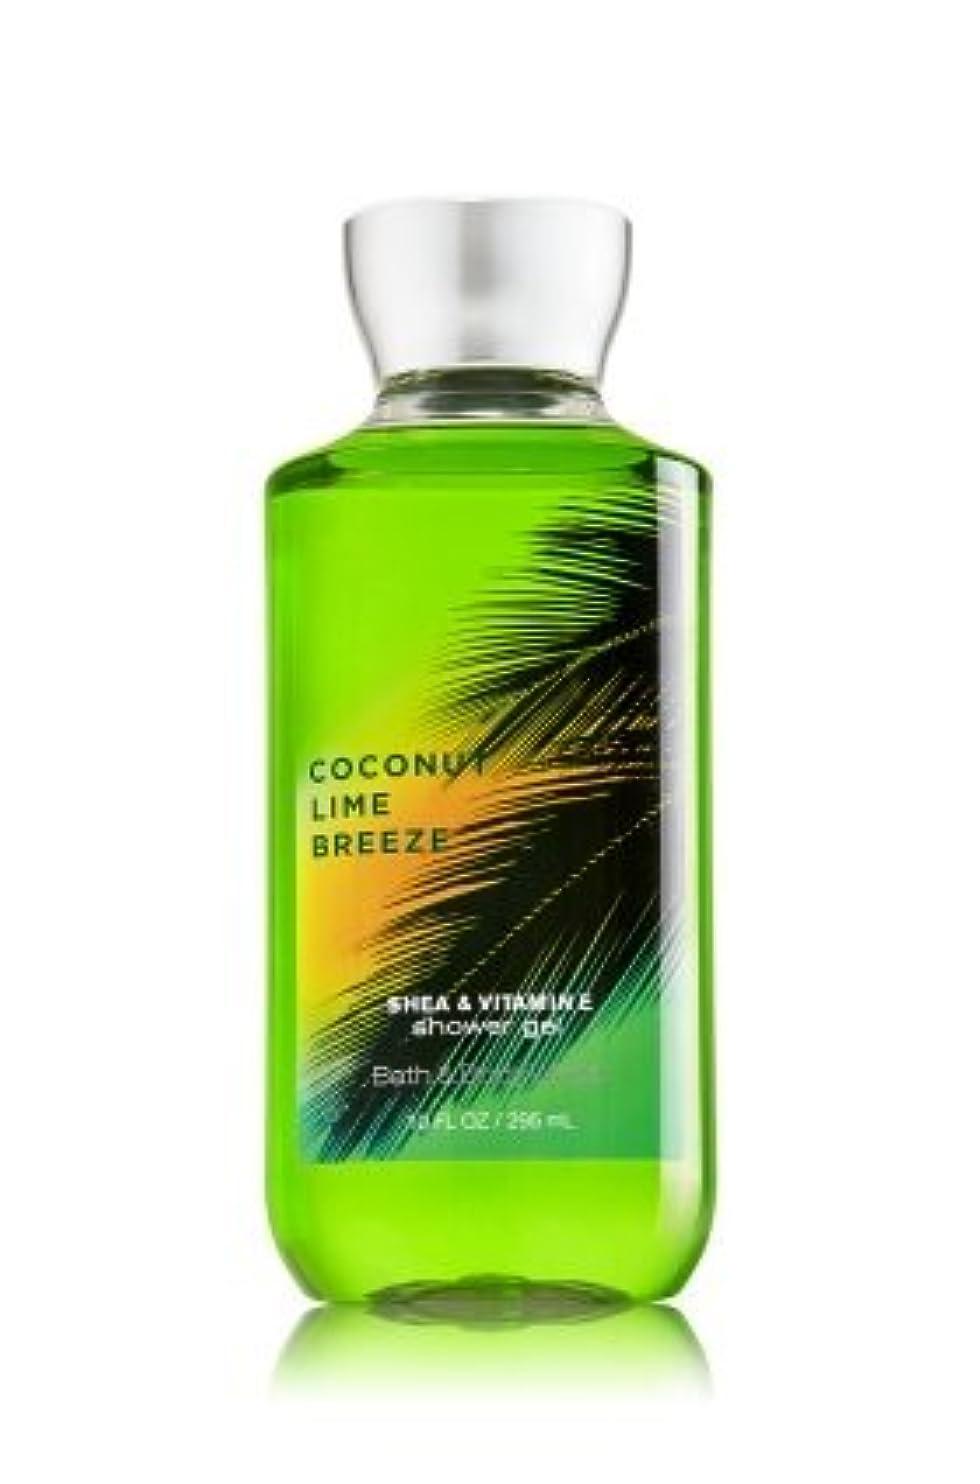 酸っぱいアクセサリー累計【Bath&Body Works/バス&ボディワークス】 シャワージェル ココナッツライムブリーズ Shower Gel Coconut Lime Breeze 10 fl oz / 295 mL [並行輸入品]